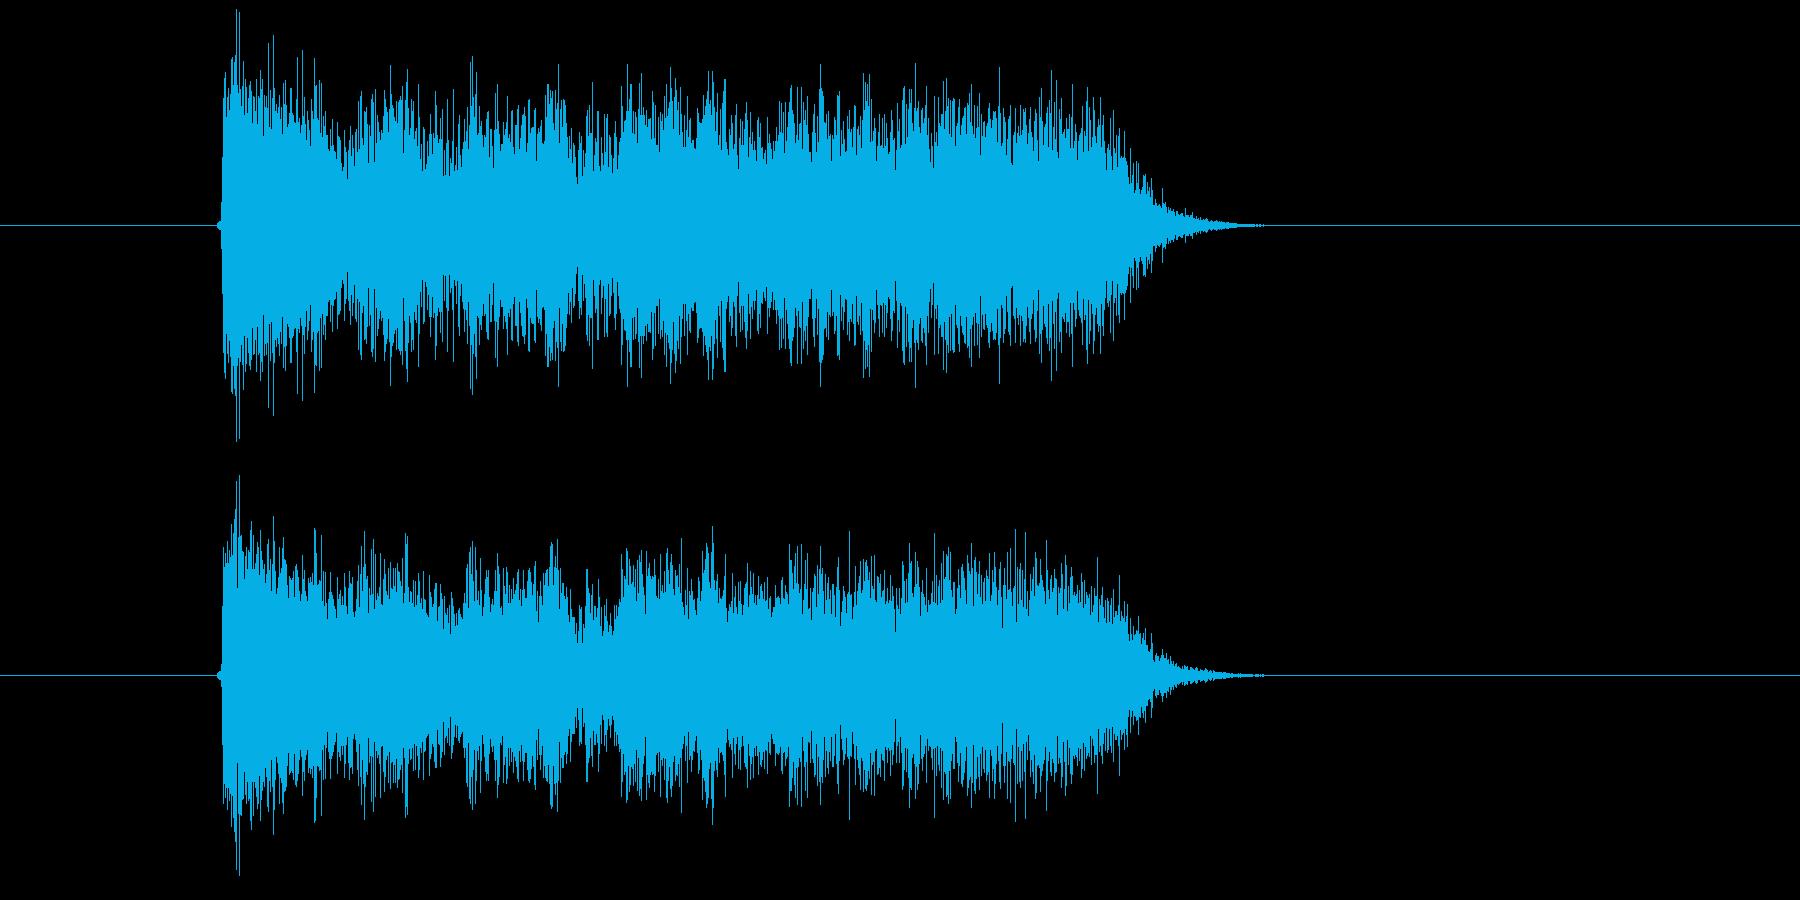 激しく勢いのあるギターサウンド短めの再生済みの波形